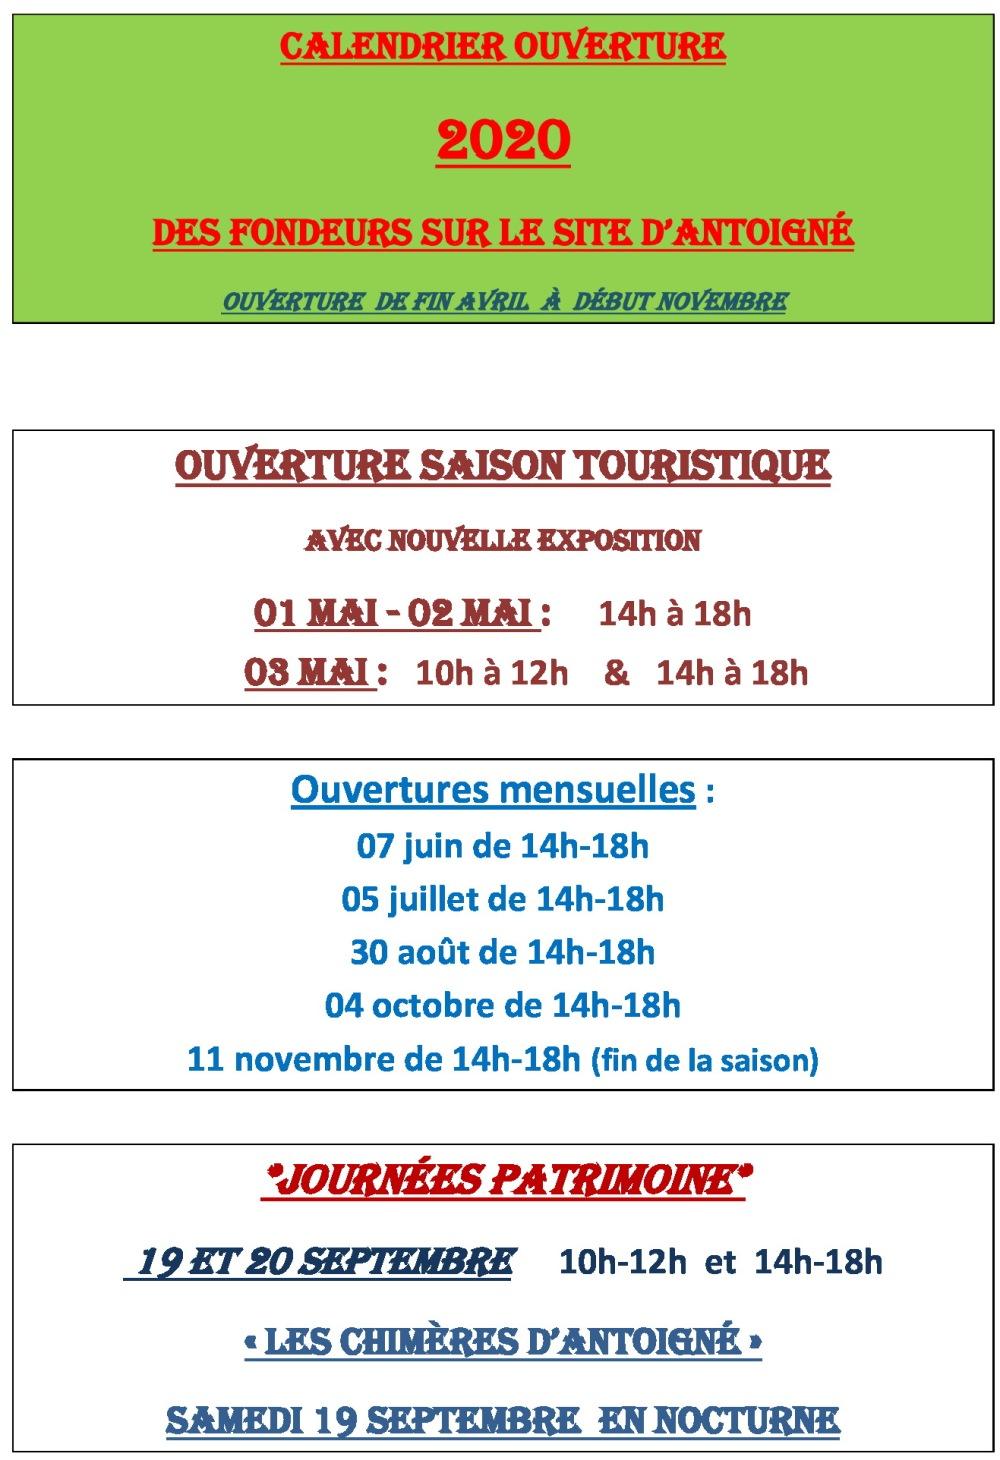 Fondeurs d'Antoigné CALENDRIER-OUVERTURE2020